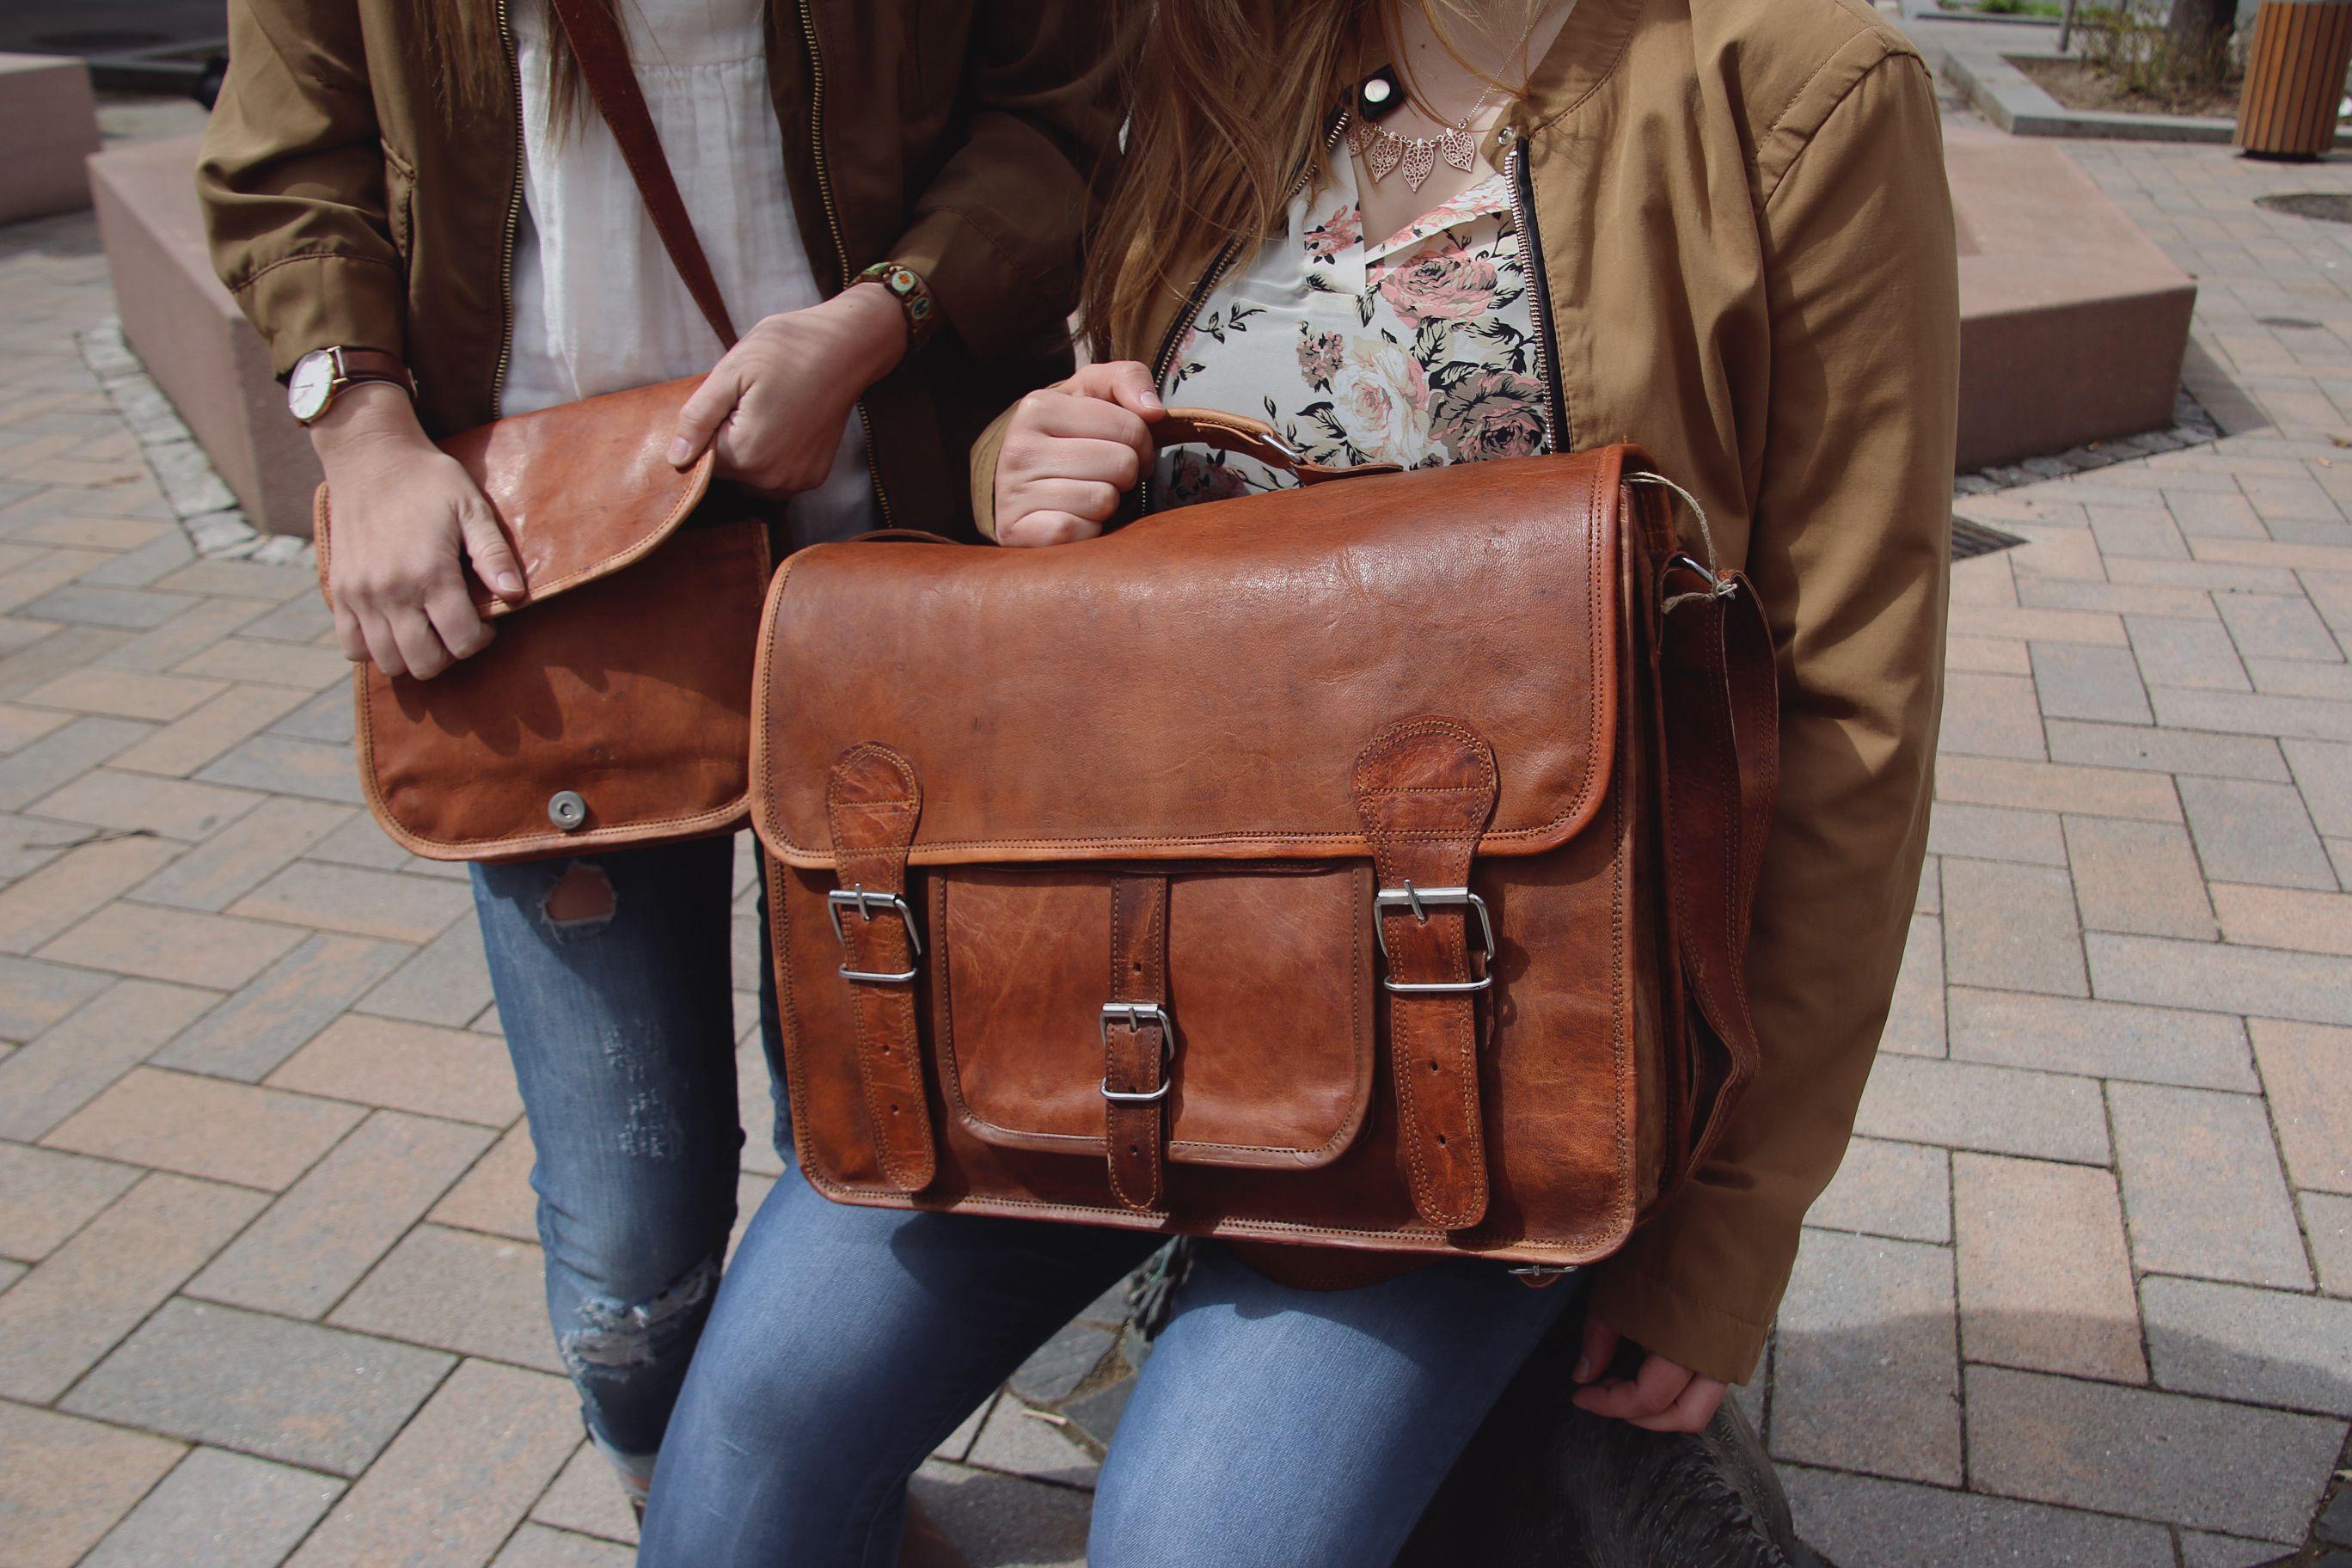 """Modern und alt scheinen ich bei """" Leon """" nicht auszuschließen, sondern die Hand zu geben. Die Umhängetasche aus Ziegenleder im aktuellen Vintage-Design eignet sich perfekt für Uni und Arbeit und kann auch als Freizeittasche umfunktioniert werden - Lederumhängetasche - Gusti Leder - U31"""